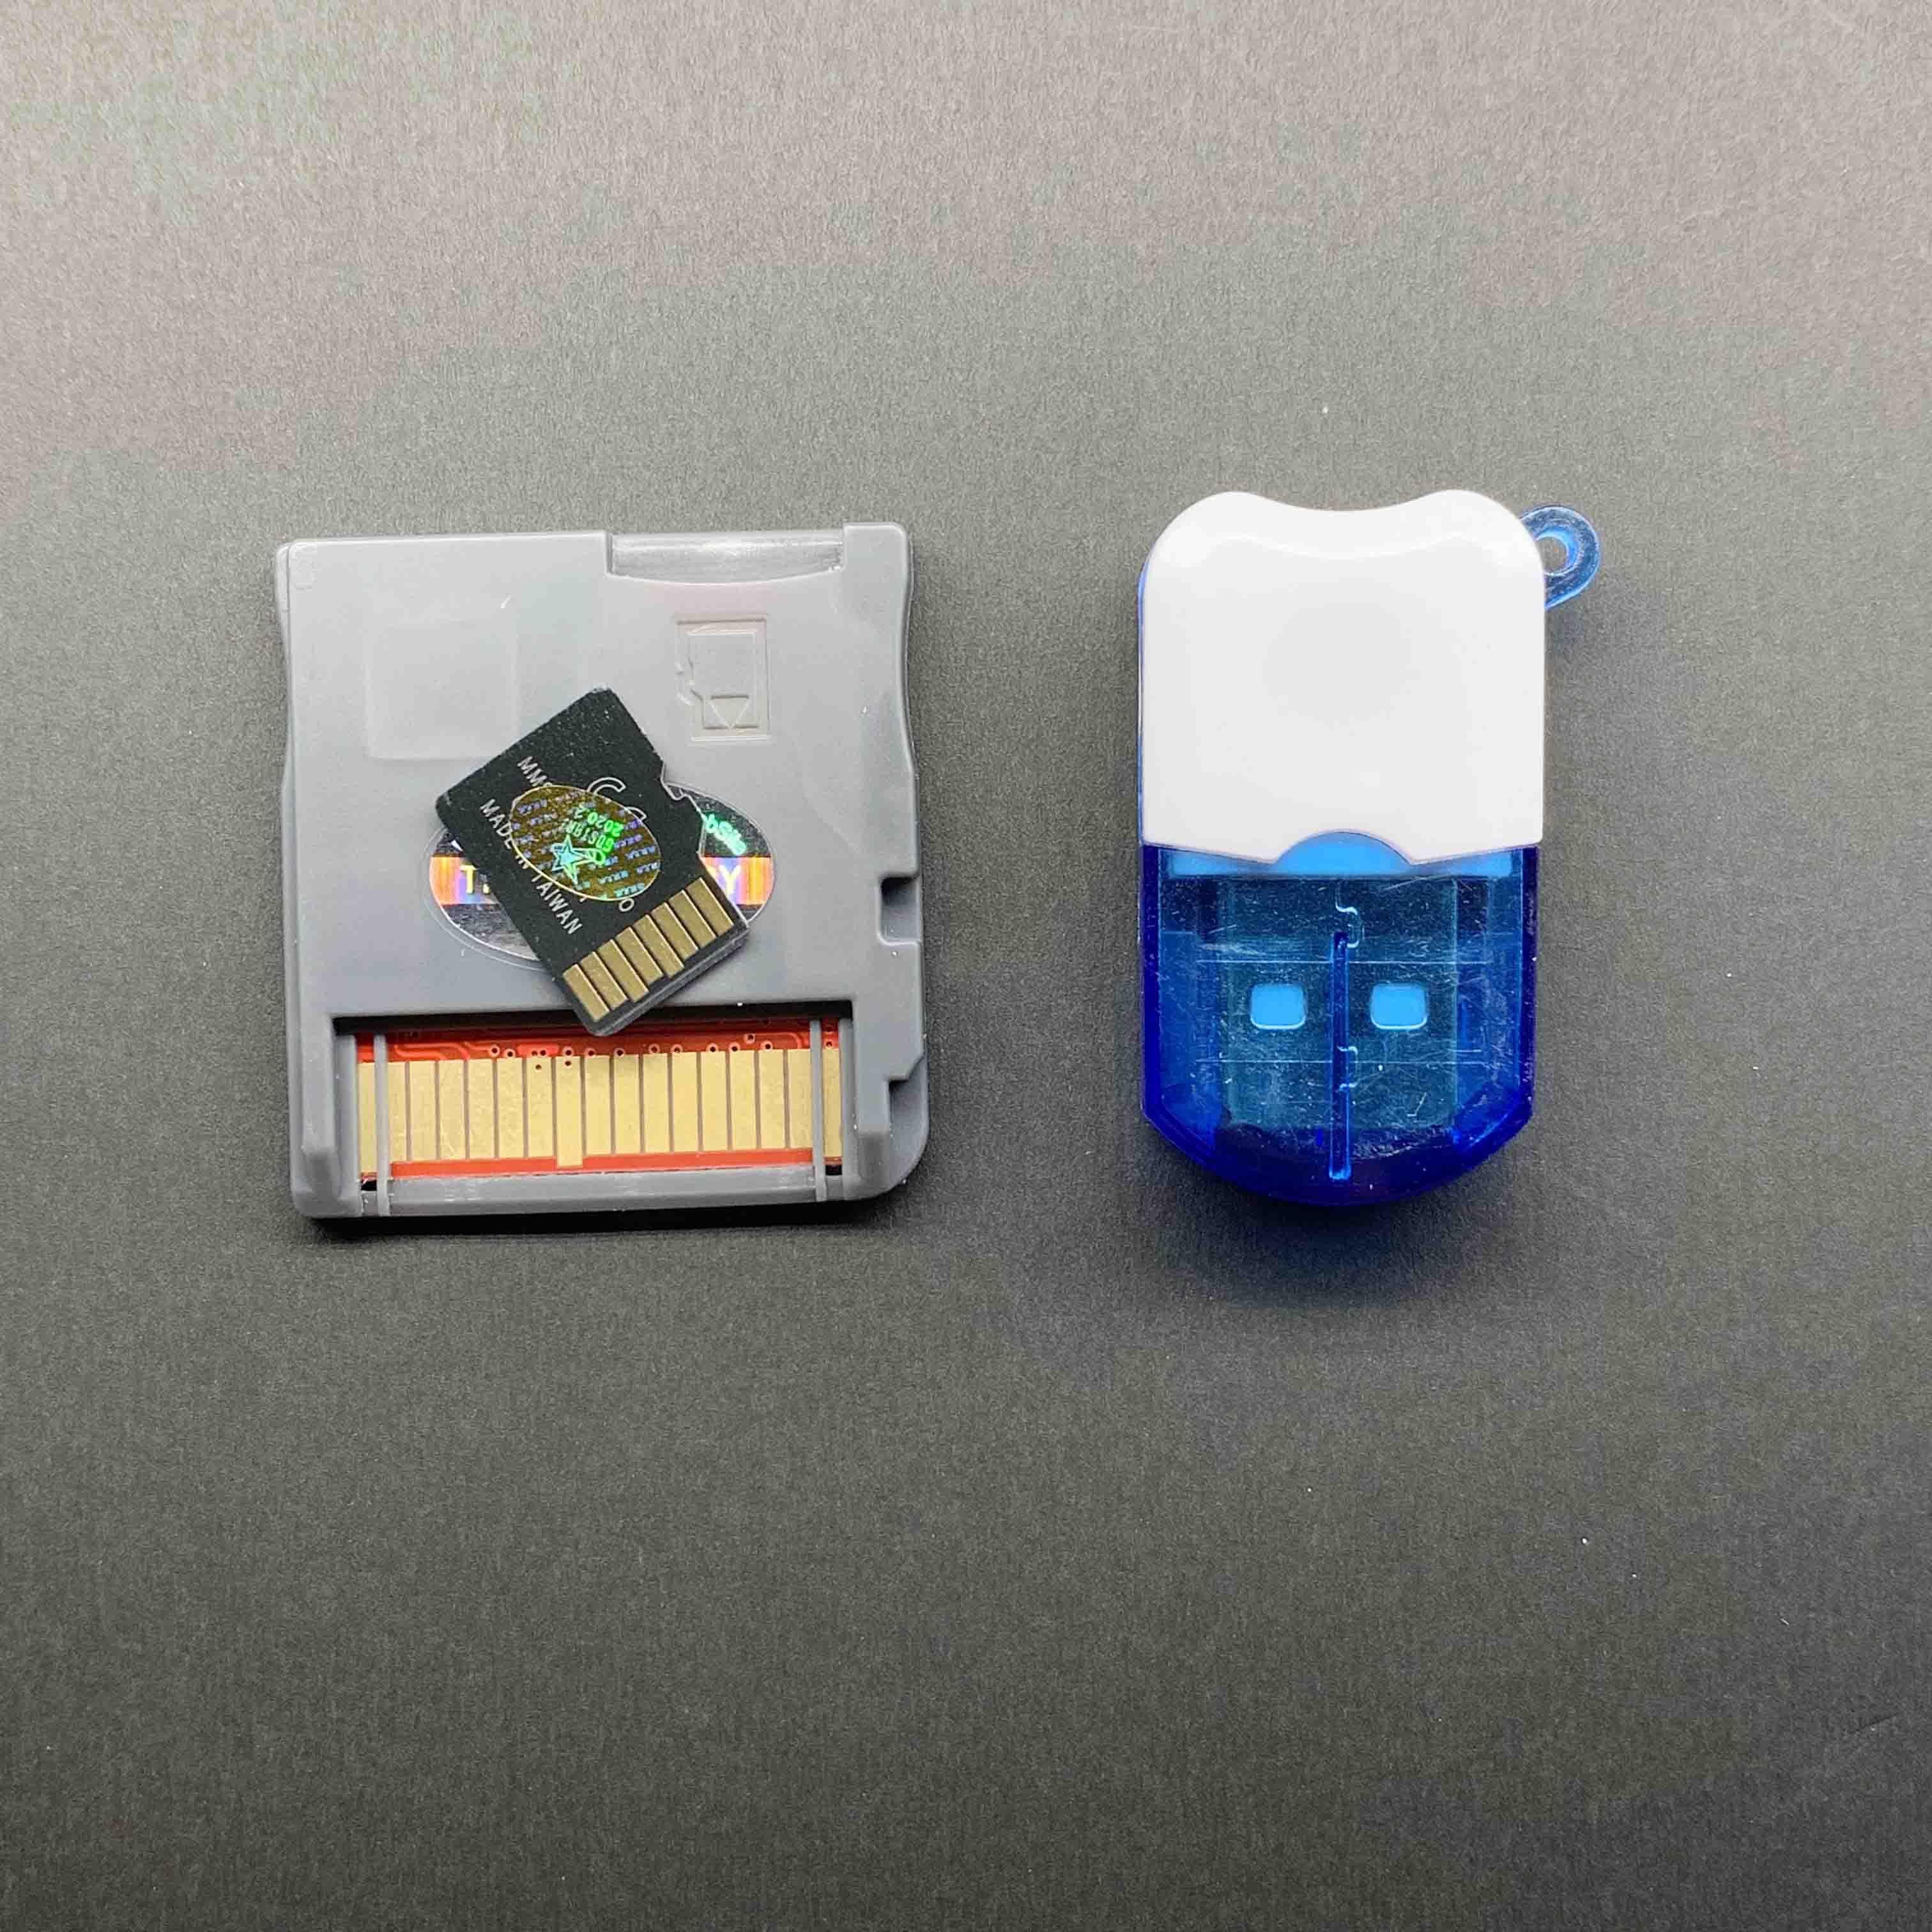 Картридж Ganer RTS для 3DS NDS, мини-картридж для игр, USB, автоматическое обновление, черный, 16 ГБ, sd, 1 компл.